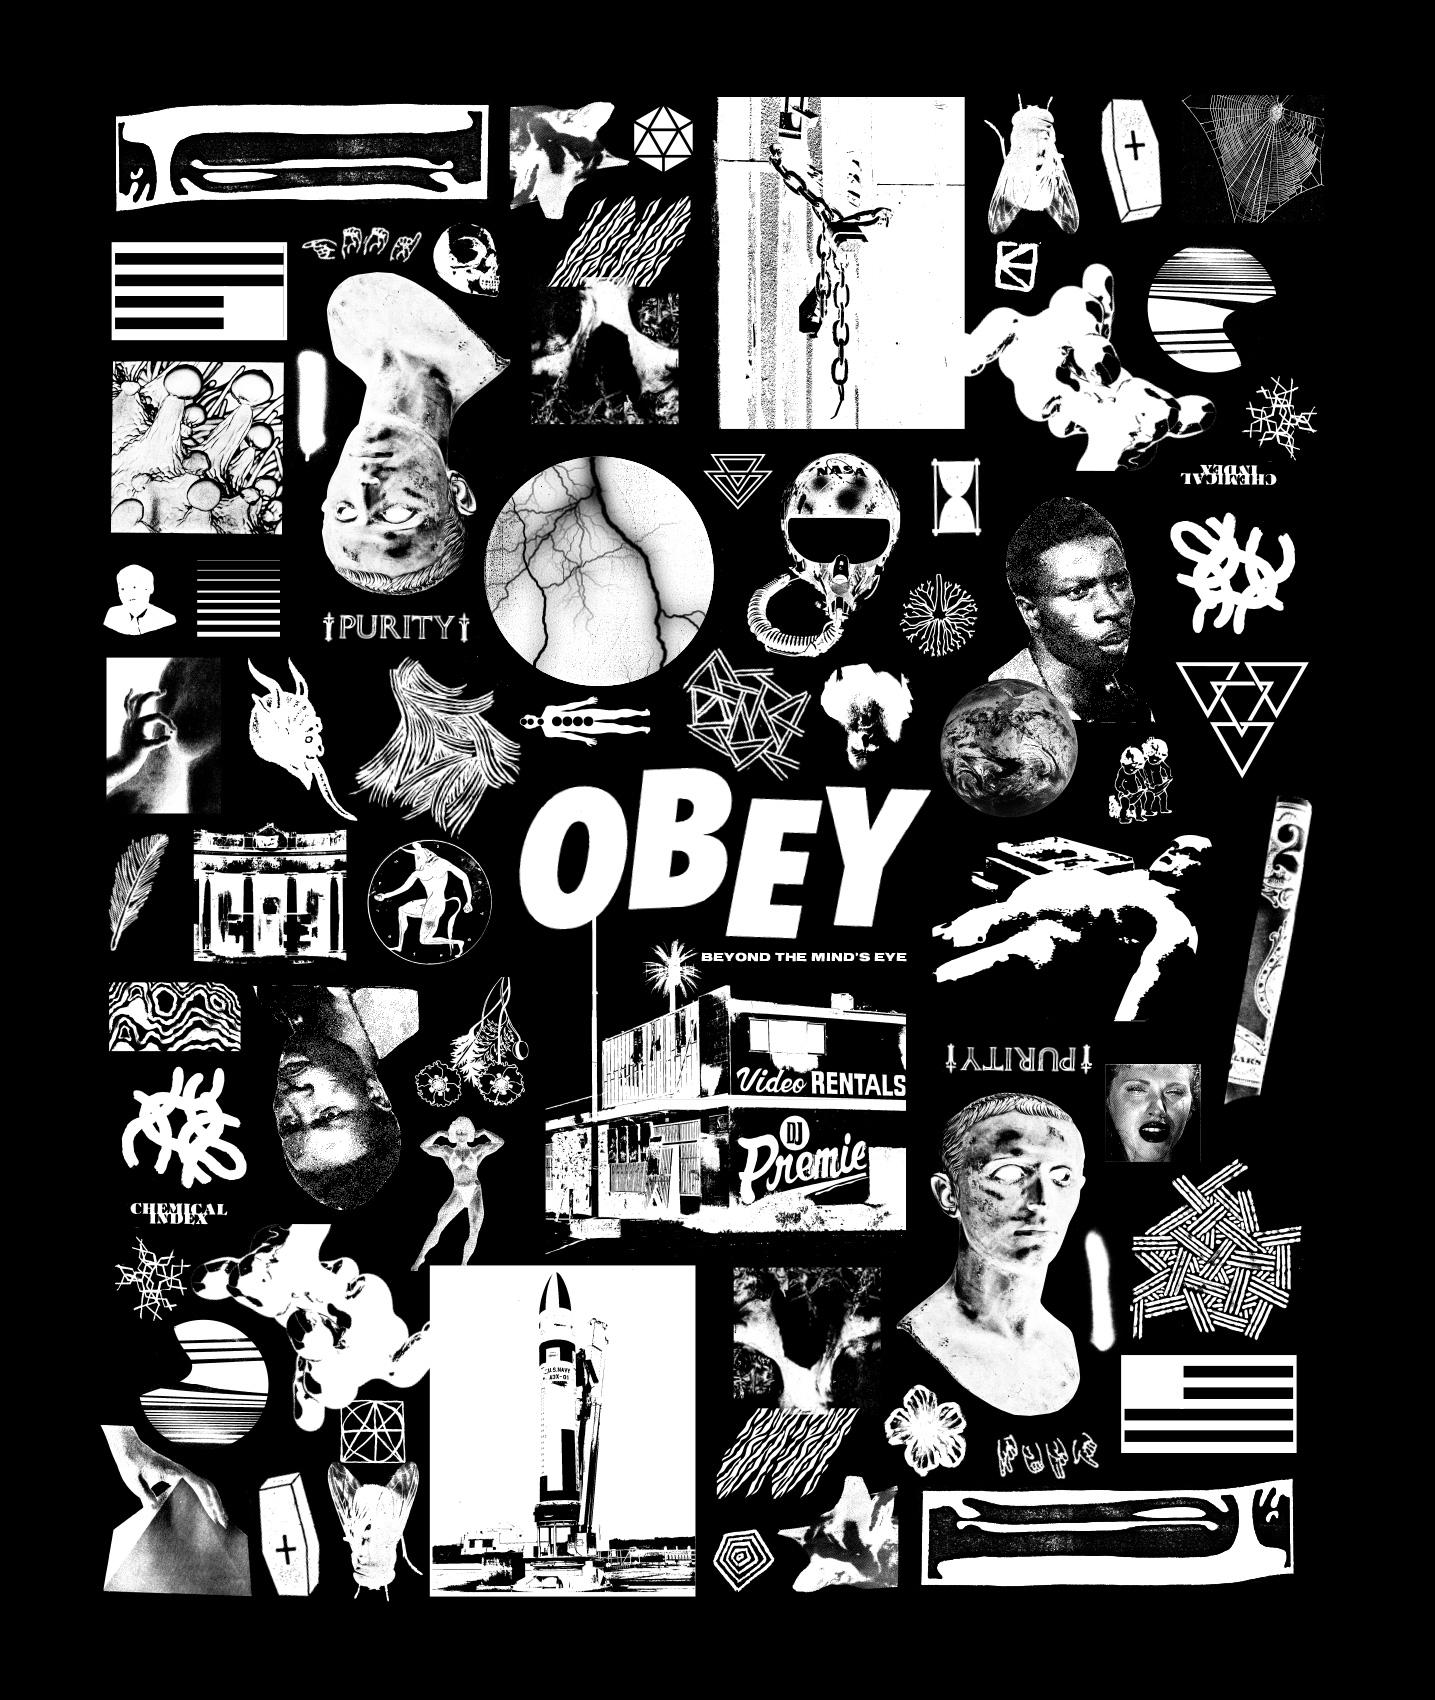 OBEY-32